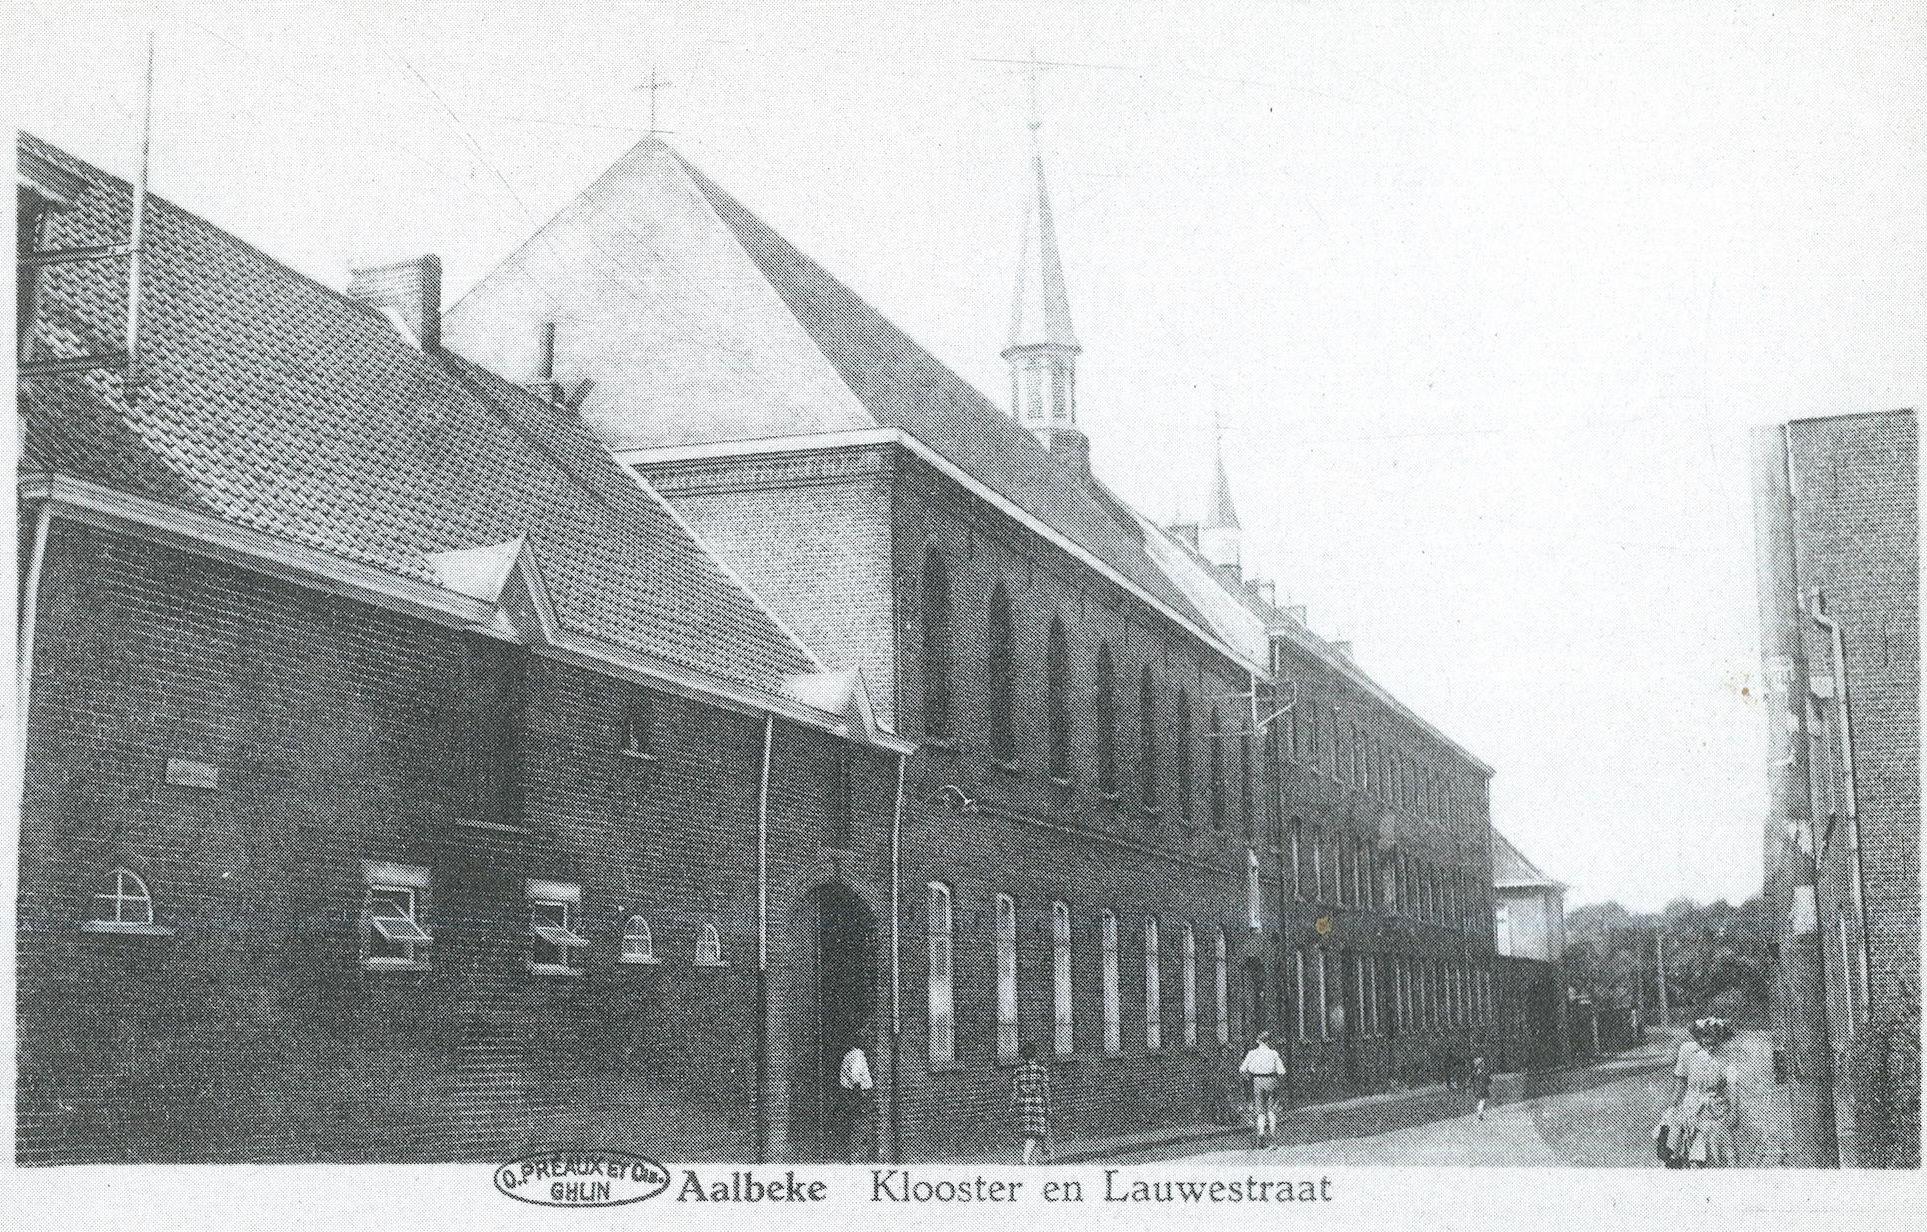 Klooster Saint-Joseph in Aalbeke waar Hugo Claus school liep